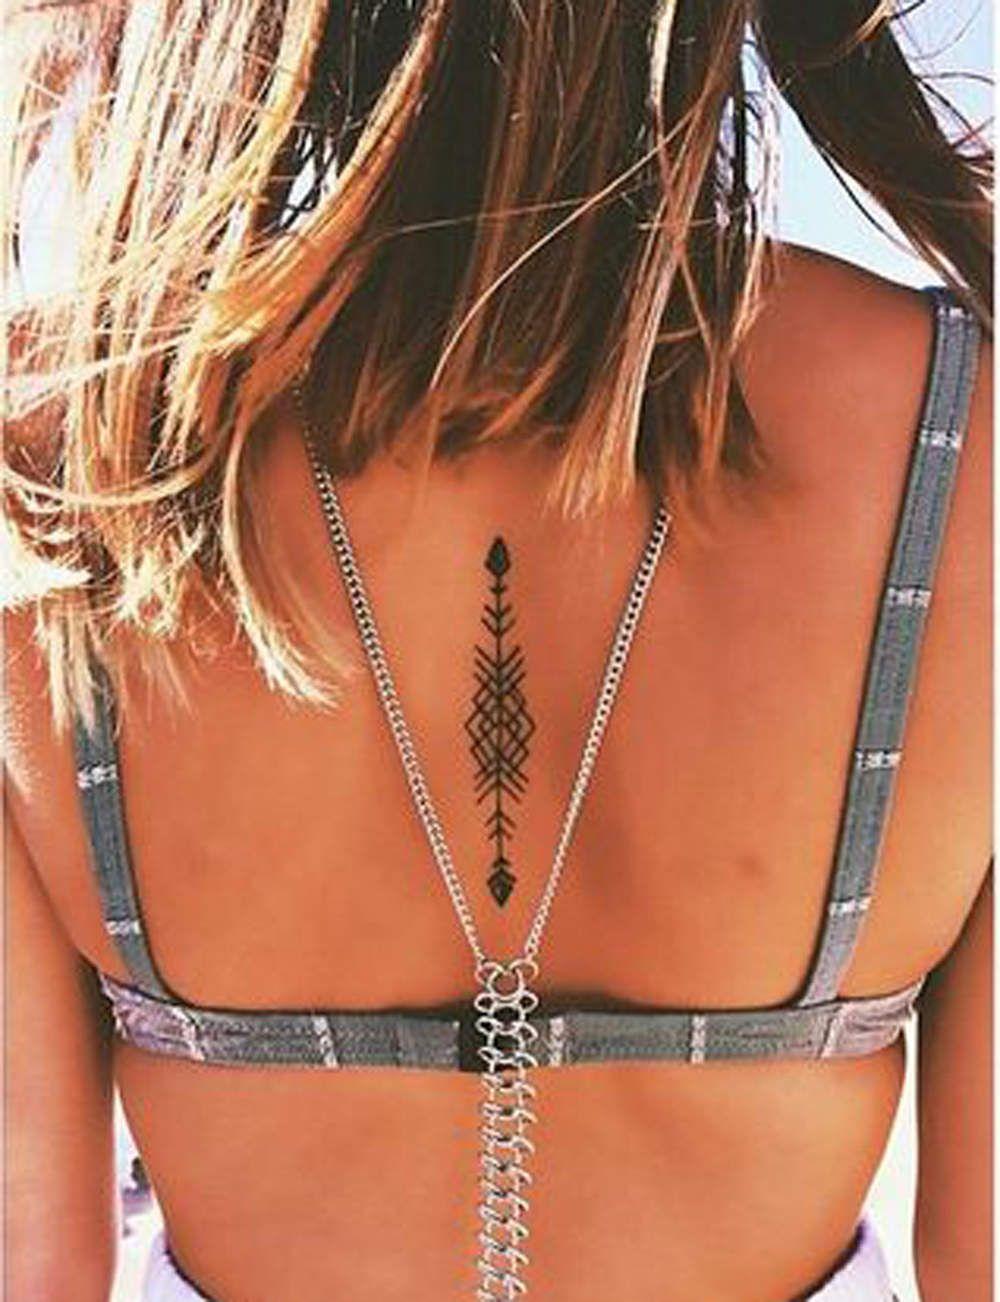 Le tatouage est plus tendance que jamais. Très féminin, le tatouage sus la  colonne vertébrale est douloureux mais extrêmement sexy. Huit tatouages  géniaux